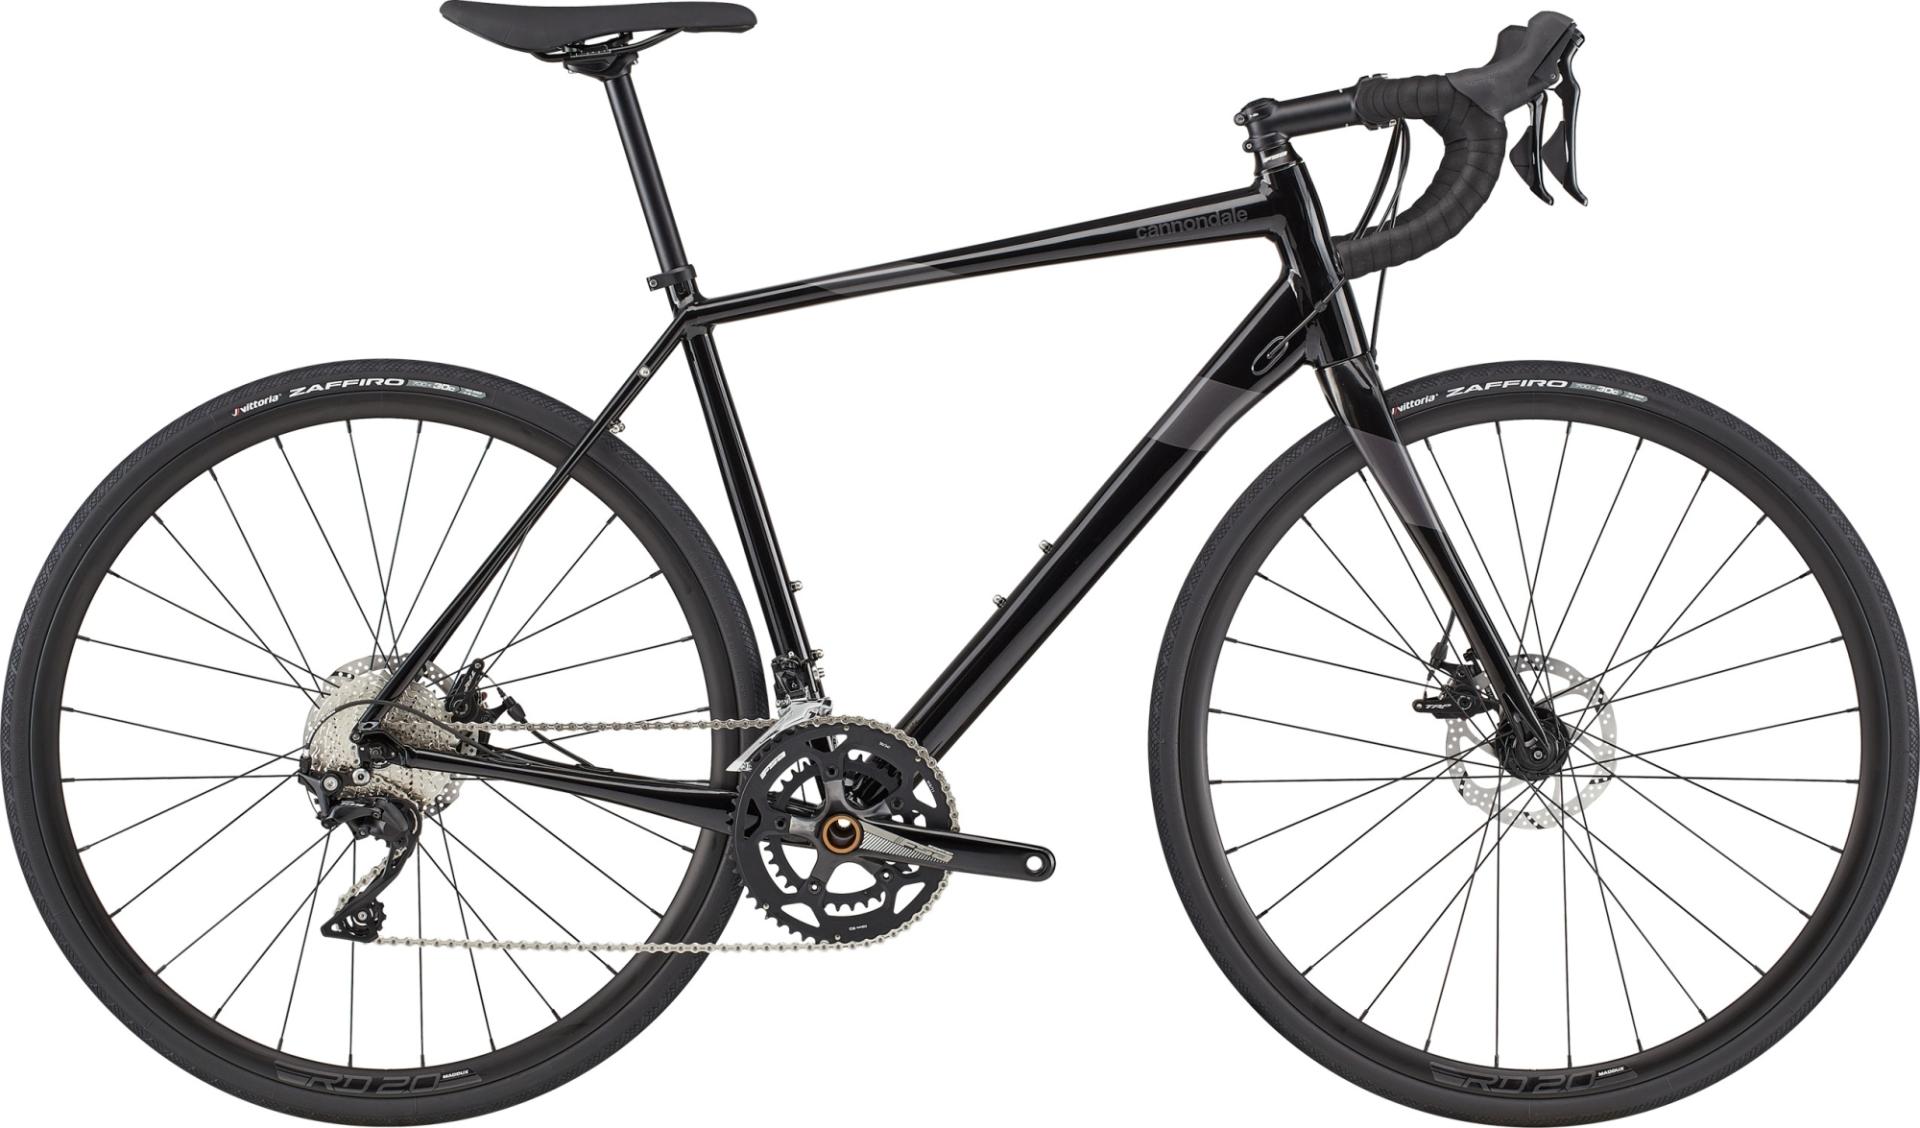 Cannondale Synapse 105 országúti kerékpár - fekete - 56 cm (2020)